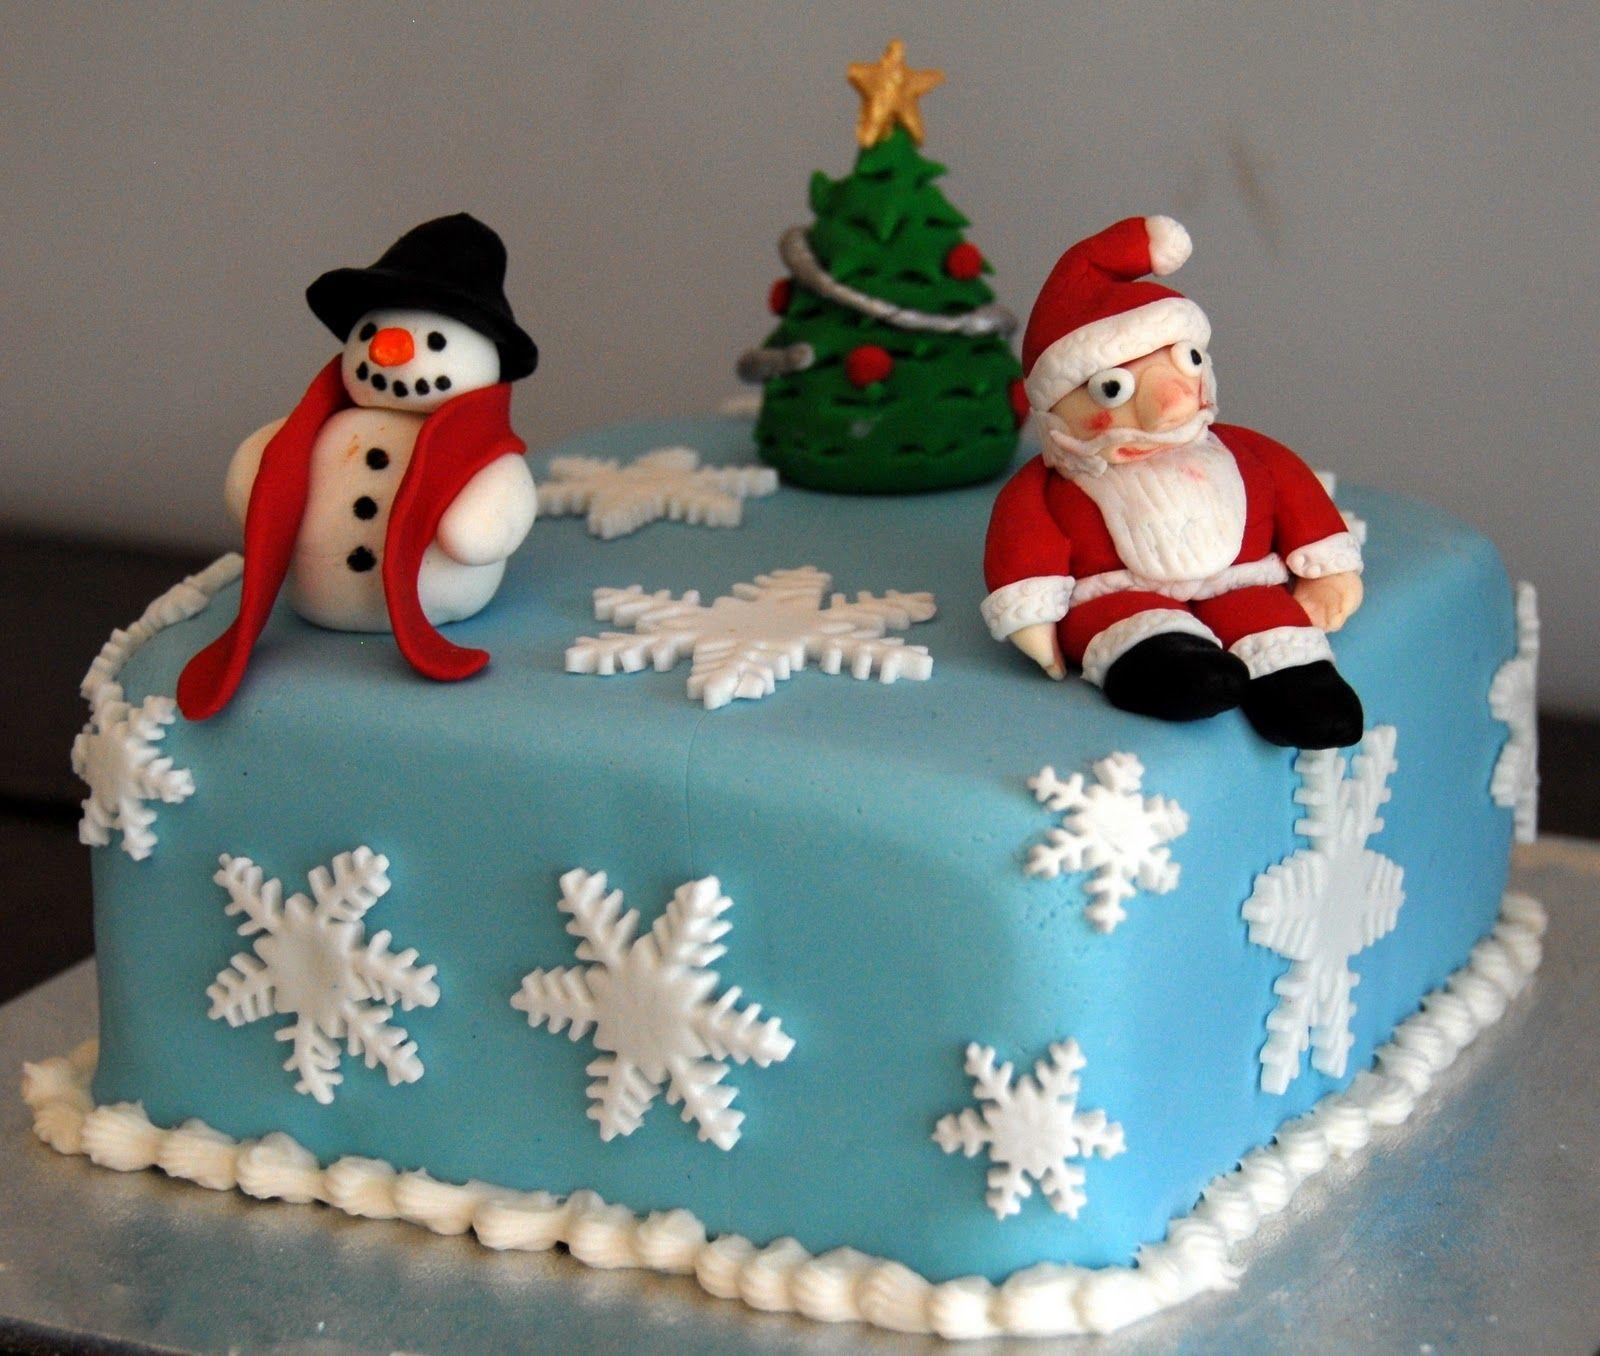 christmas cake decoration idea cakepins | cake decorations